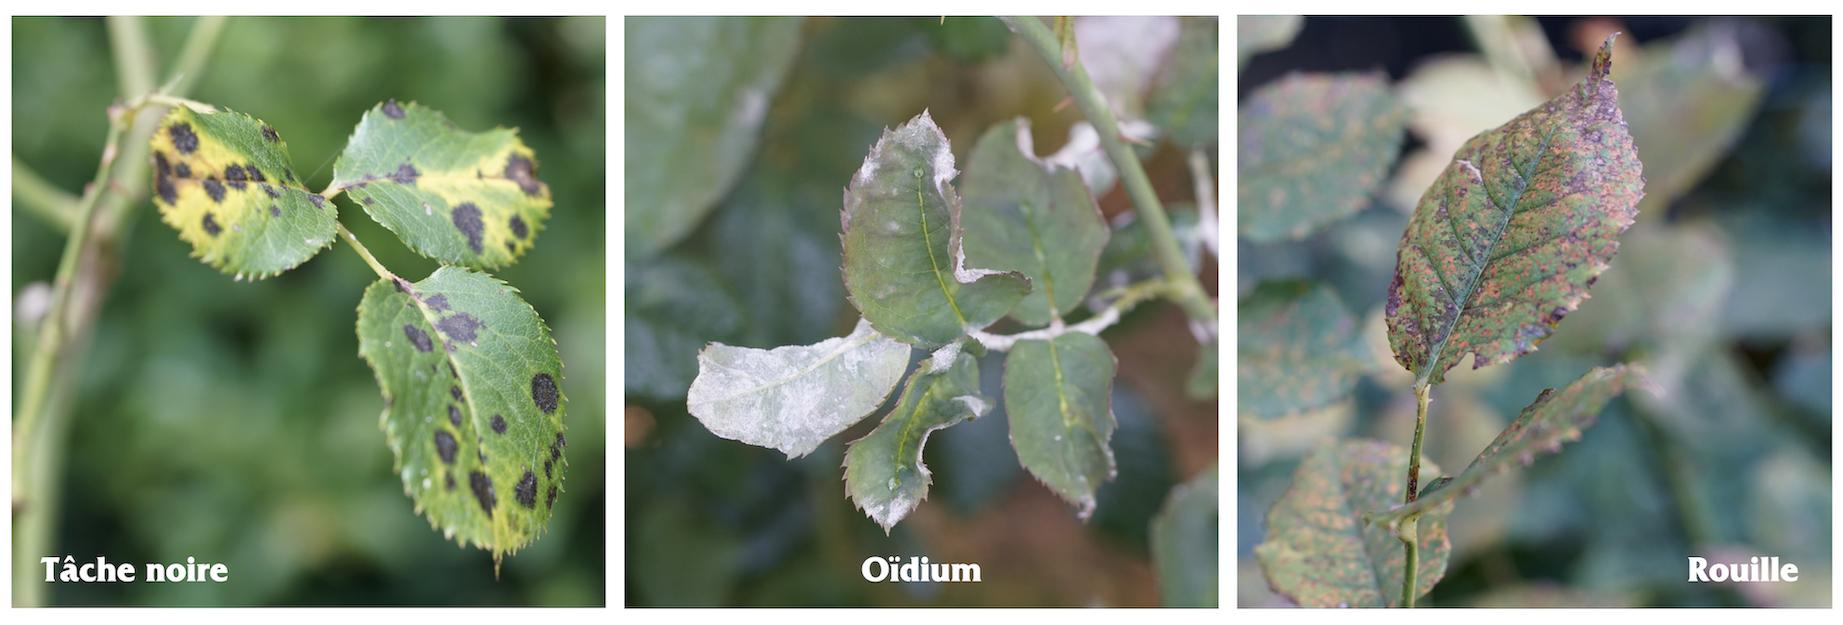 3 maladies principales : tache noire, oïdium et rouille - Roses Guillot®